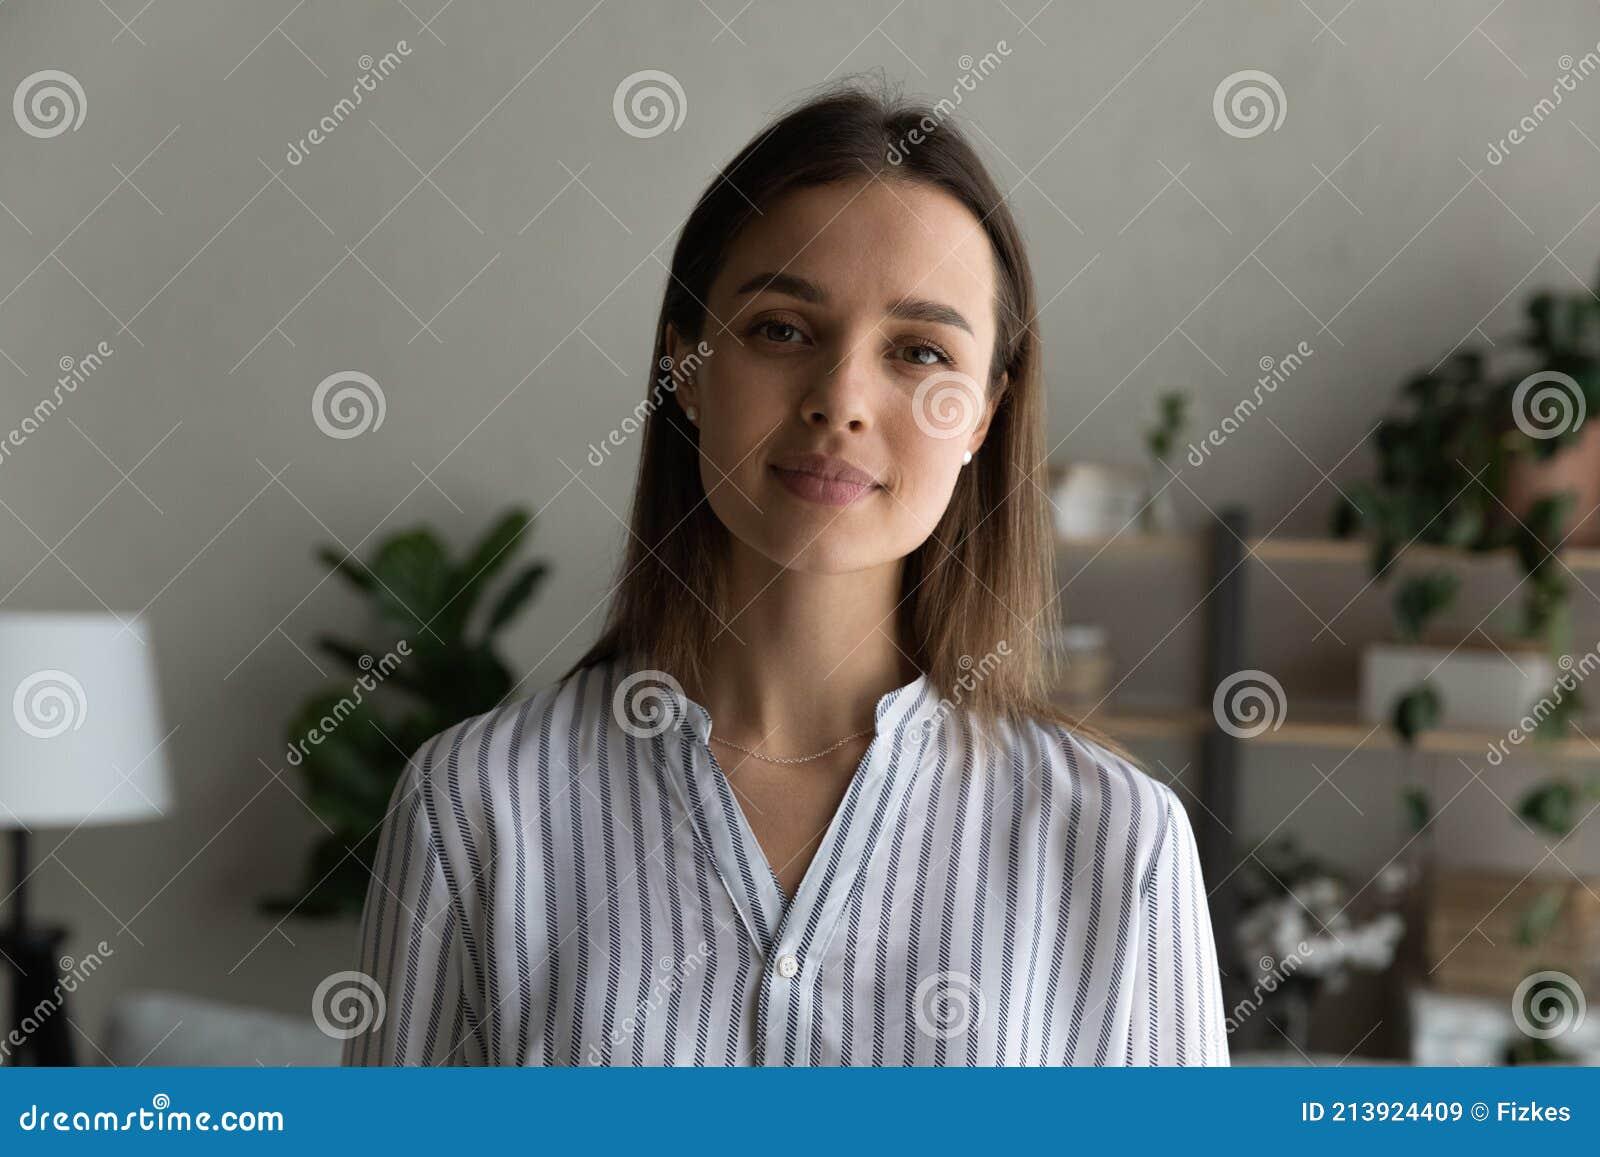 Profilbild junge